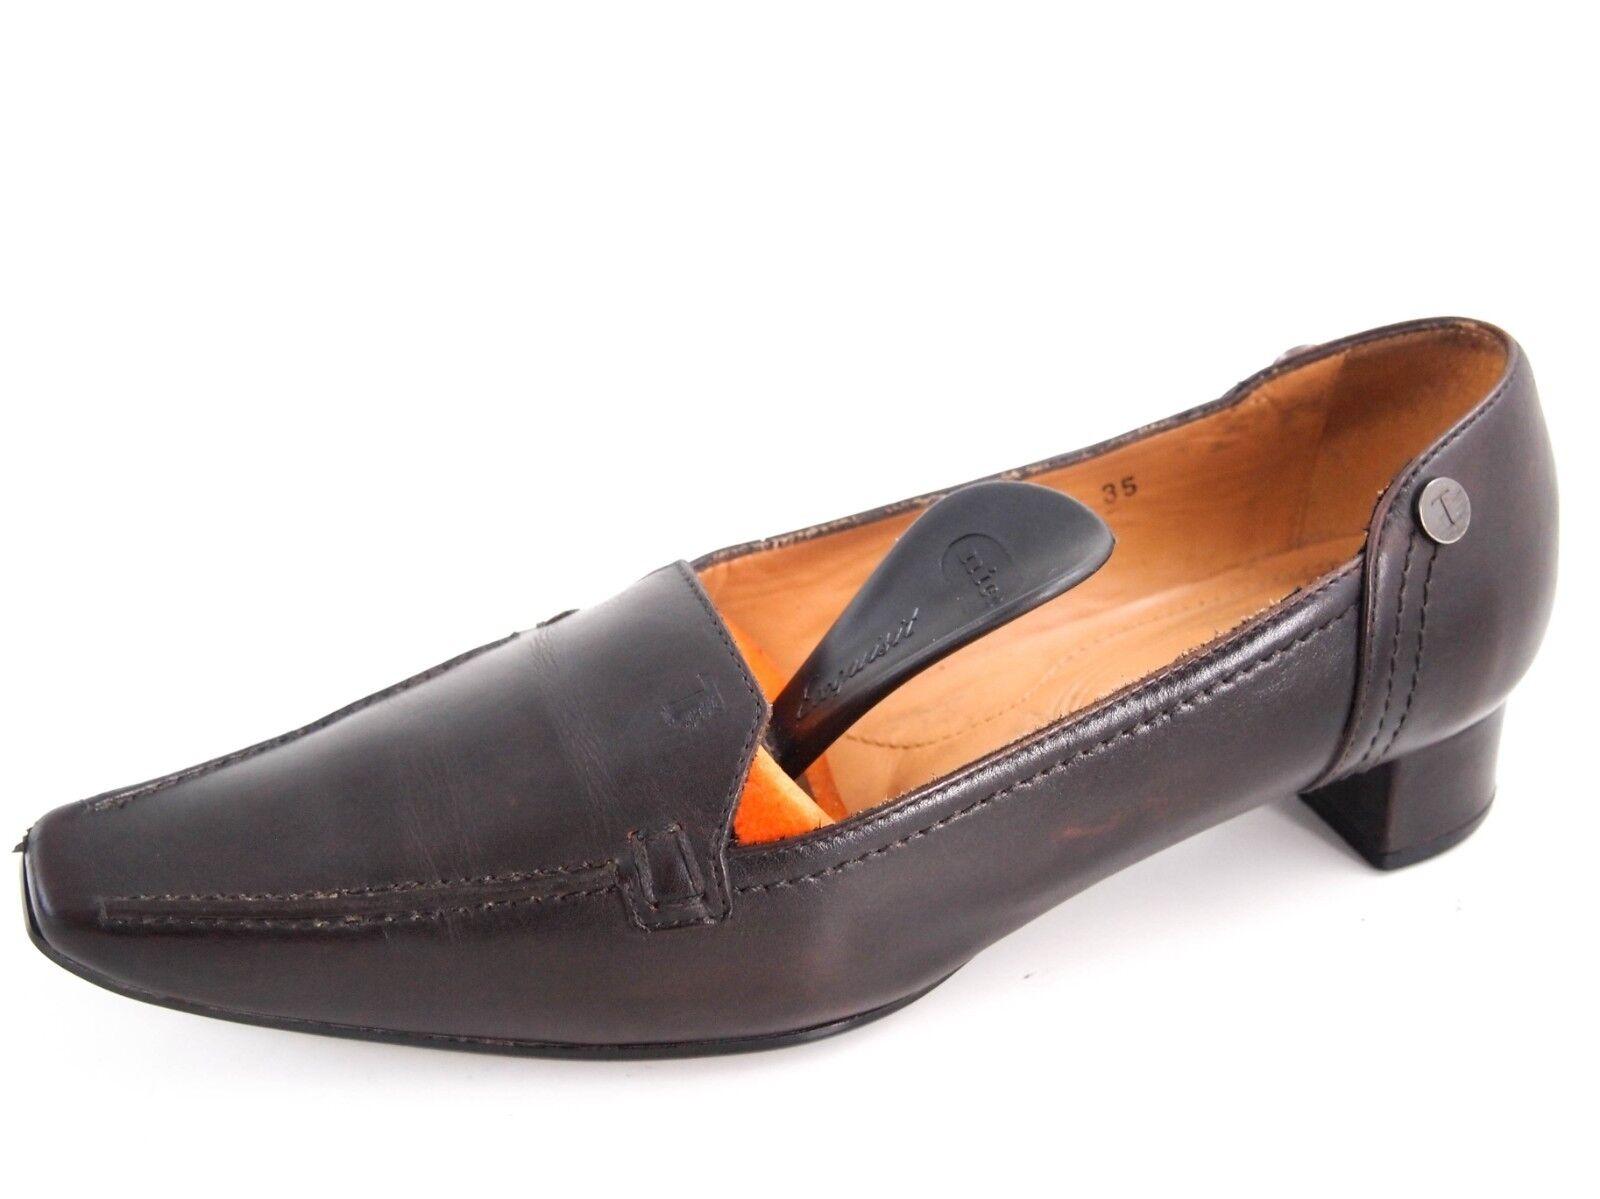 vendita di offerte Tod's low heel    pumps, Marrone leather, Donna Dimensione US 5 EU 35  480  supporto al dettaglio all'ingrosso